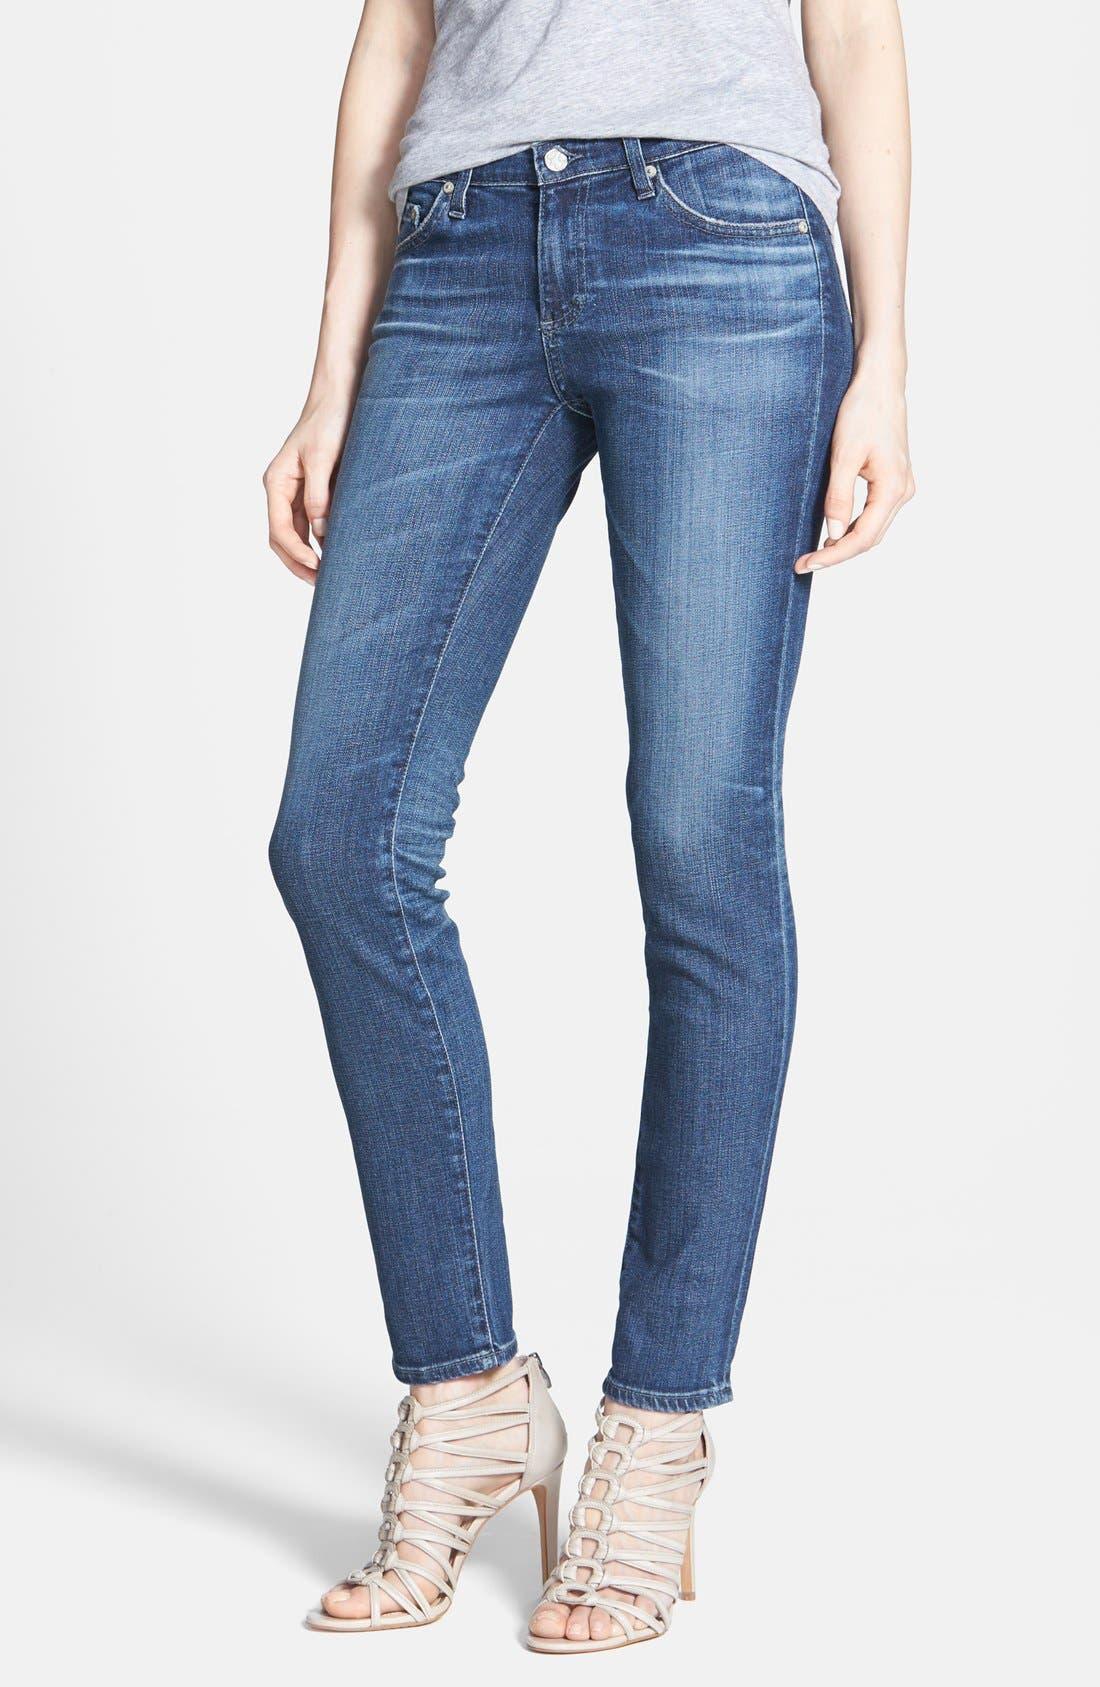 Alternate Image 1 Selected - AG 'Stilt' Cigarette Leg Jeans (Nine Years Evolved)